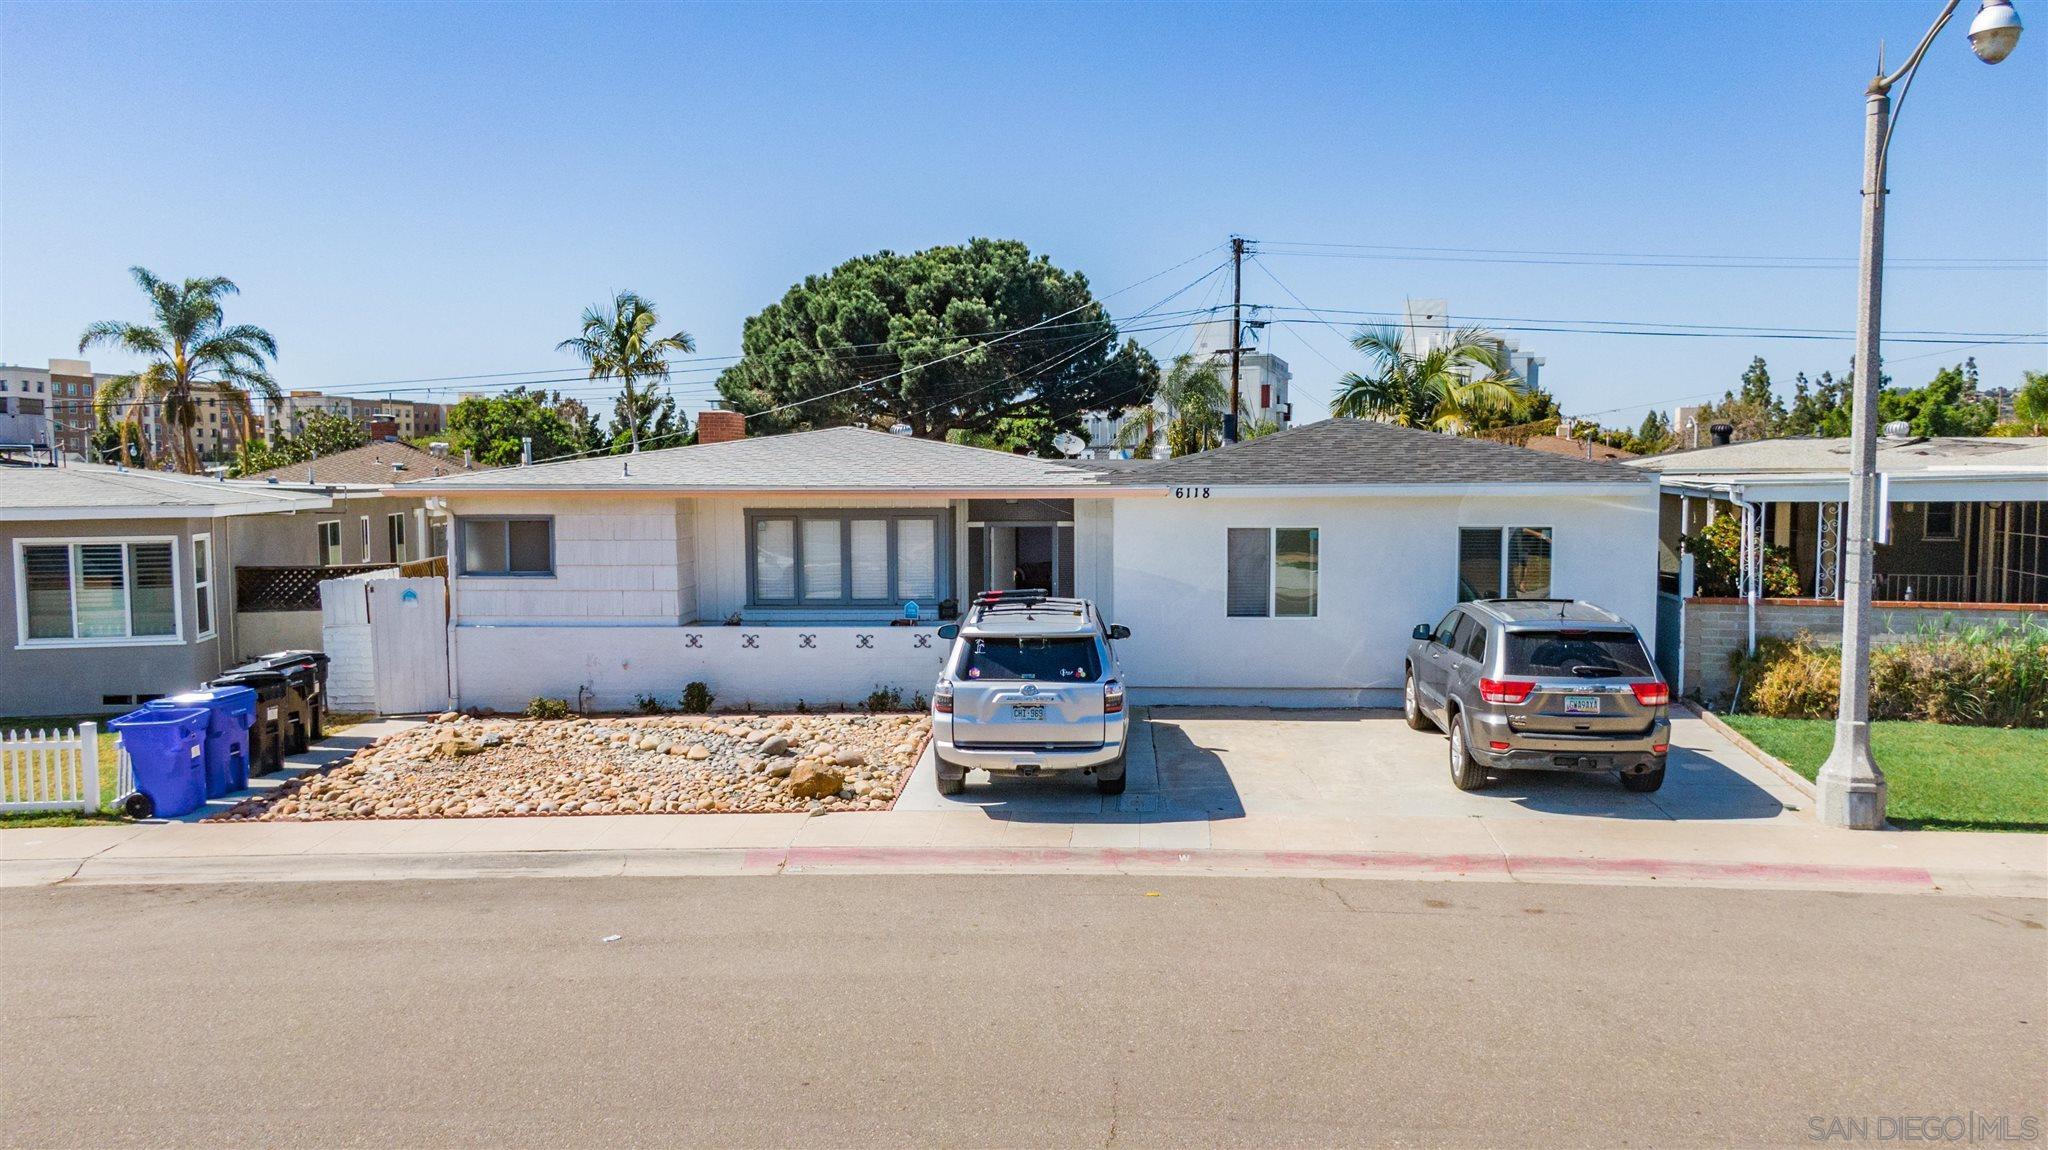 6116 Dorothy Dr, San Diego, CA 92115